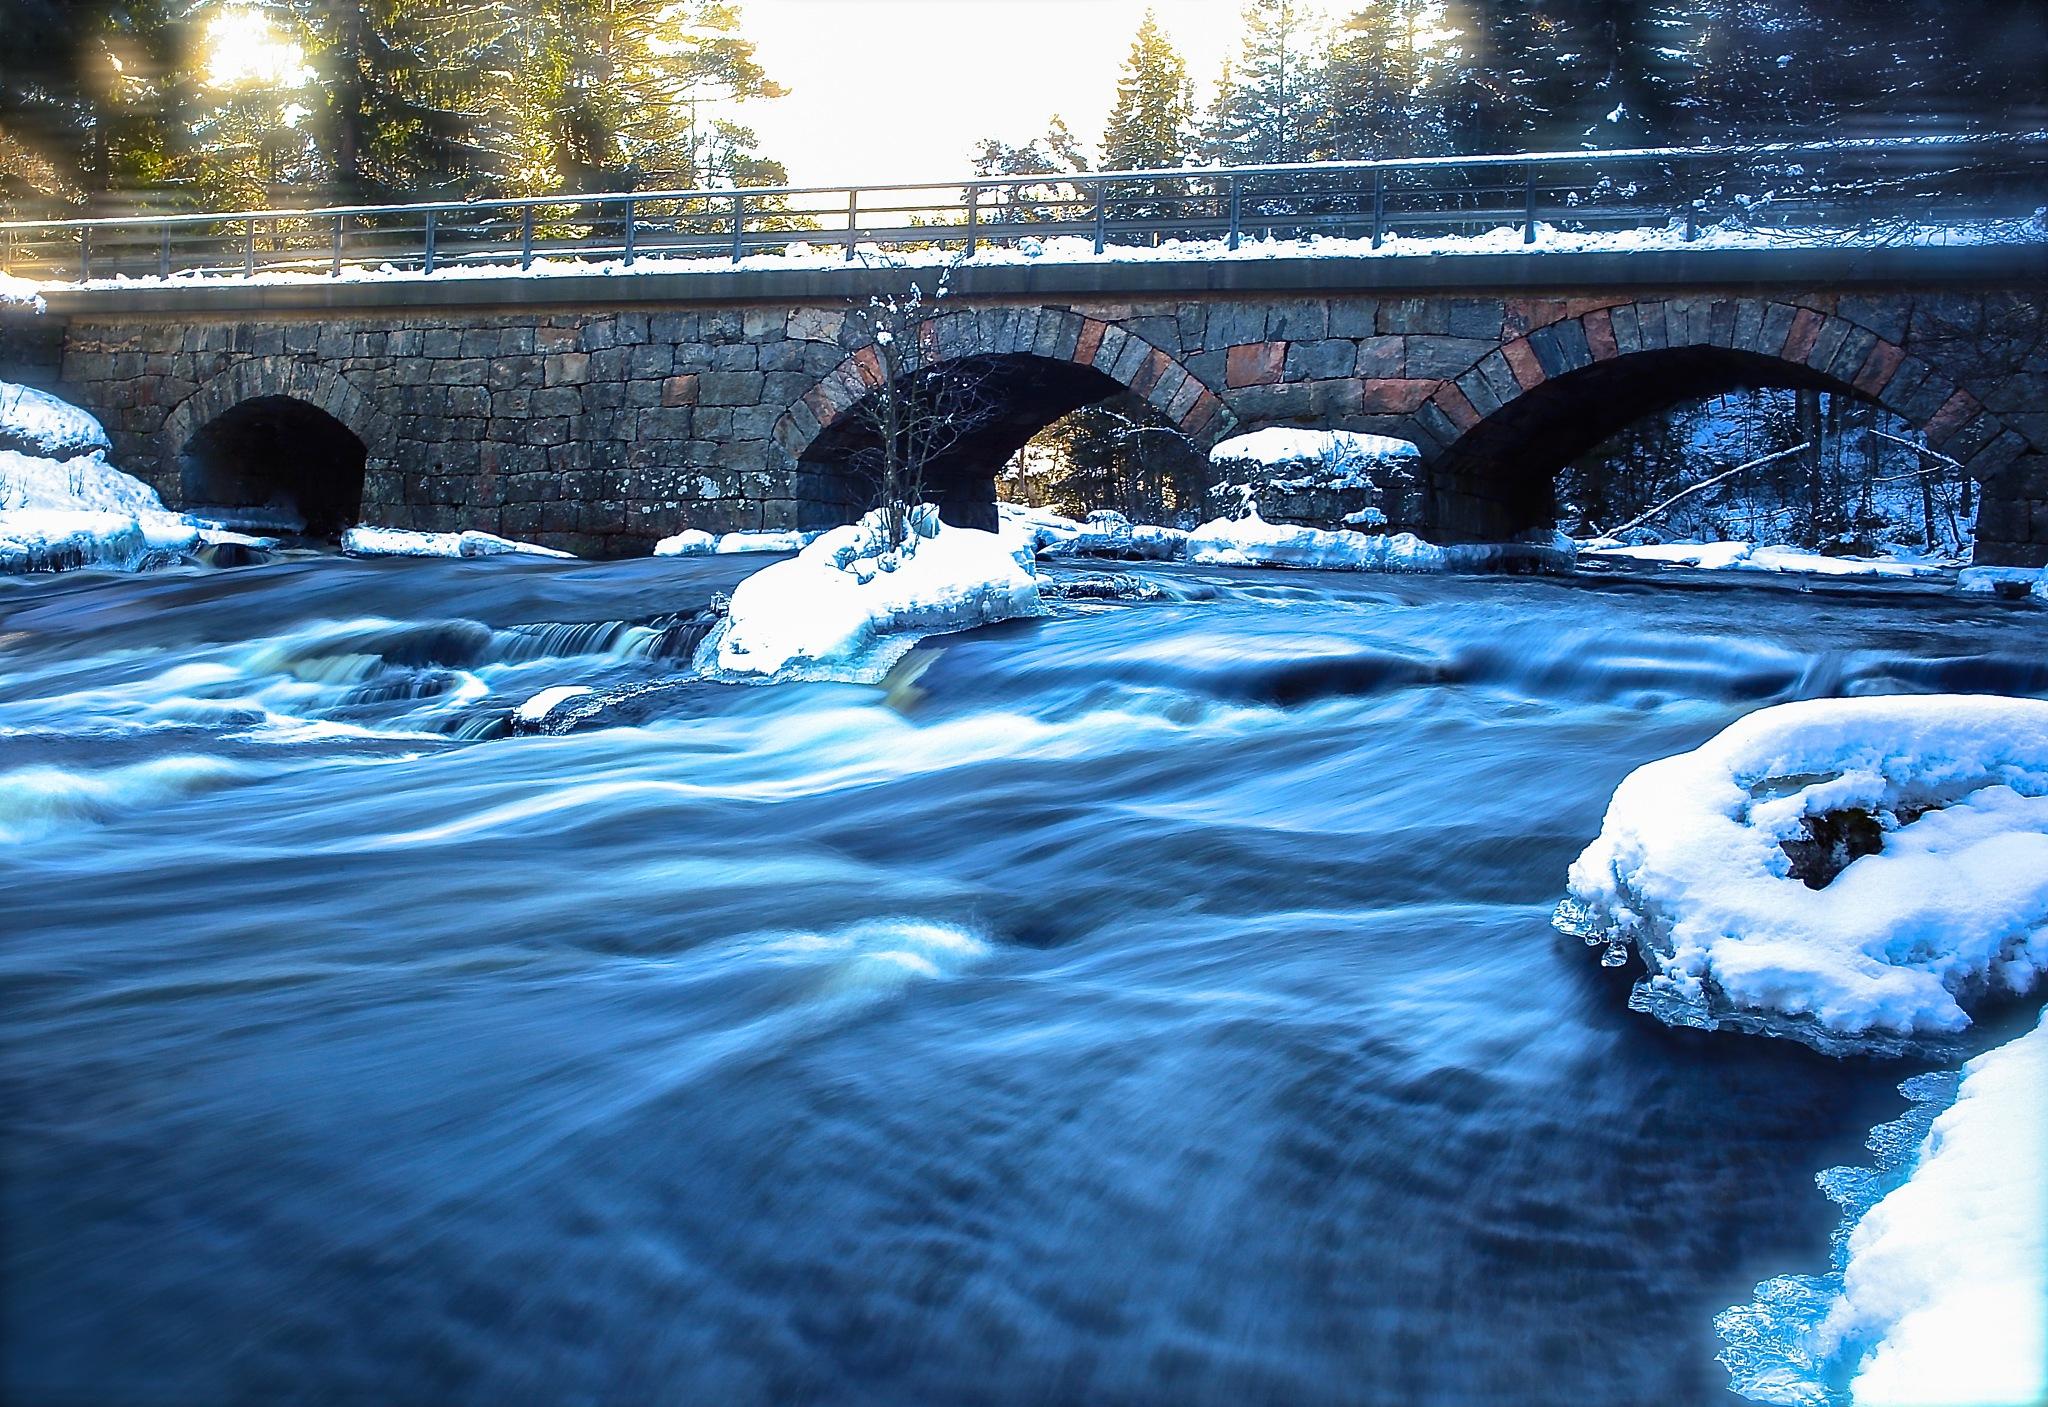 Old bridge in wintermood by Bildmartin